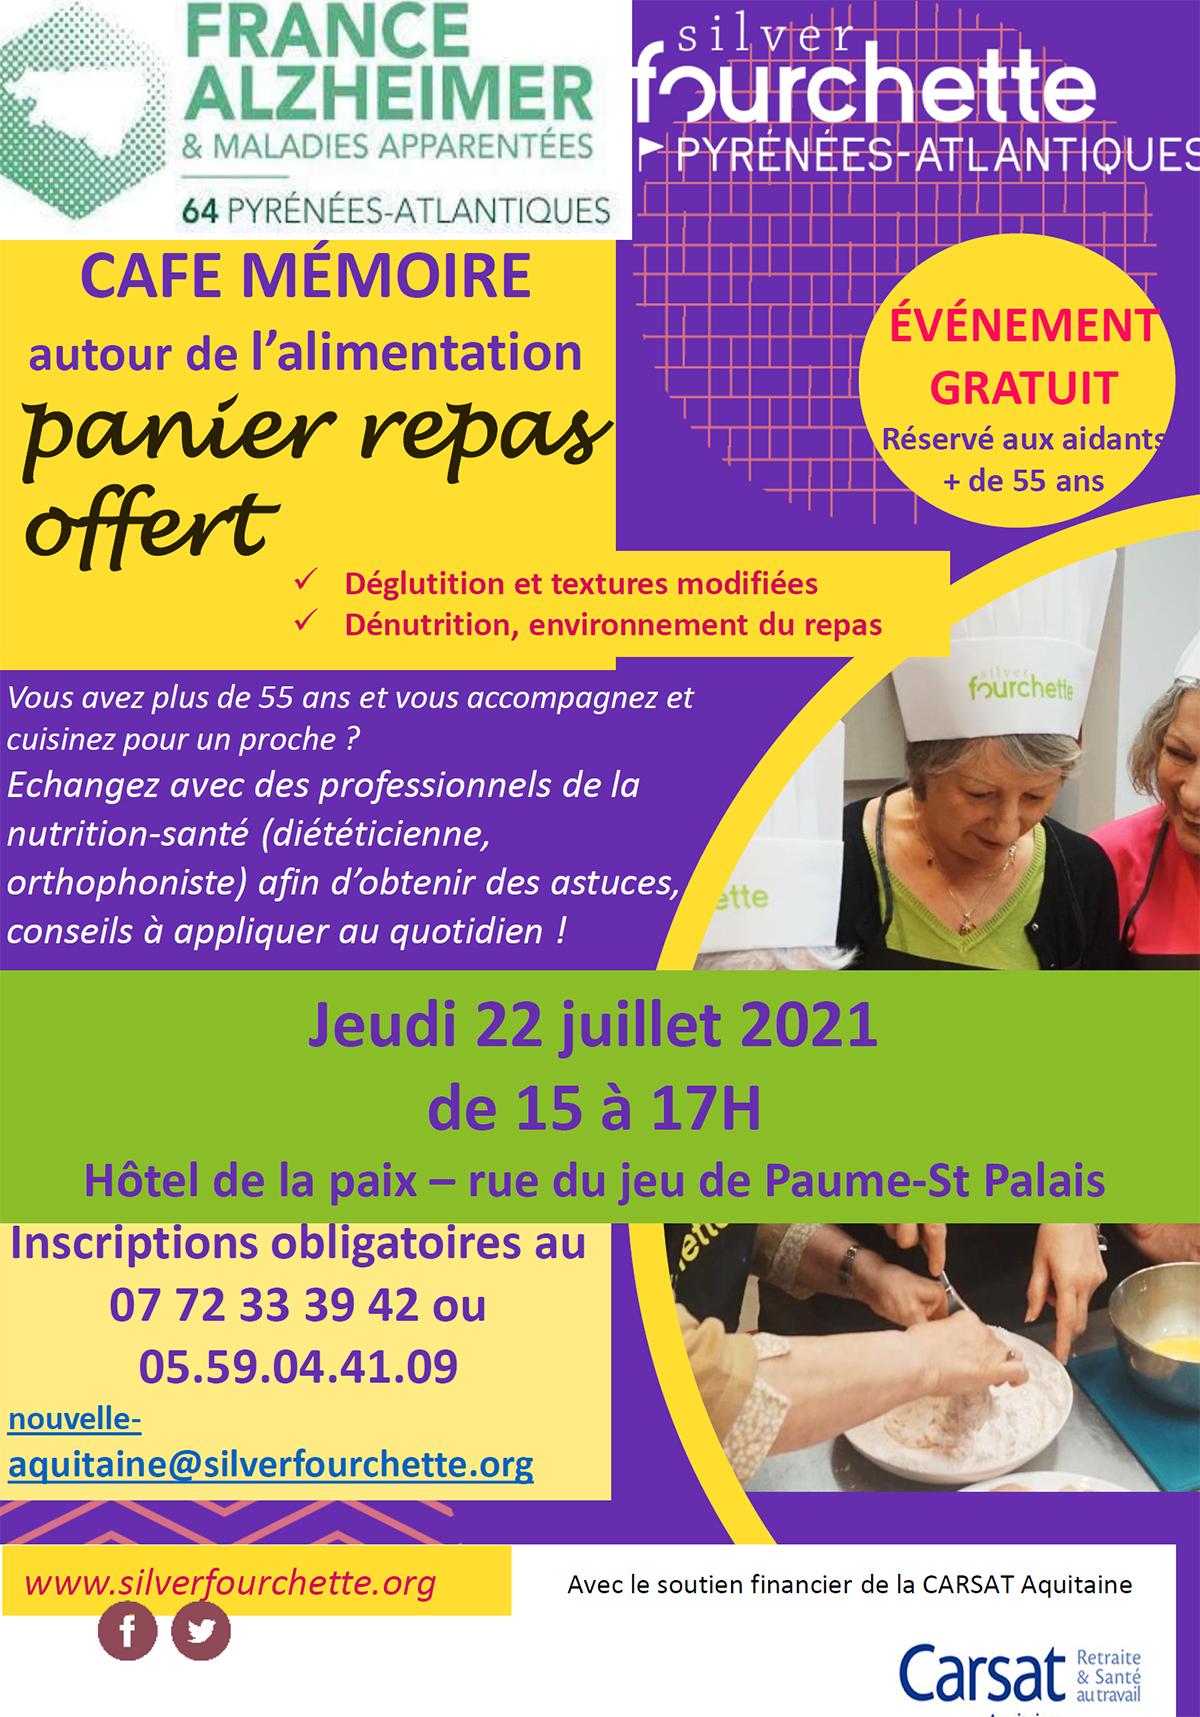 Café mémoire Alimentation Maladie d'Alzheimer Saint Palais 22 juillet